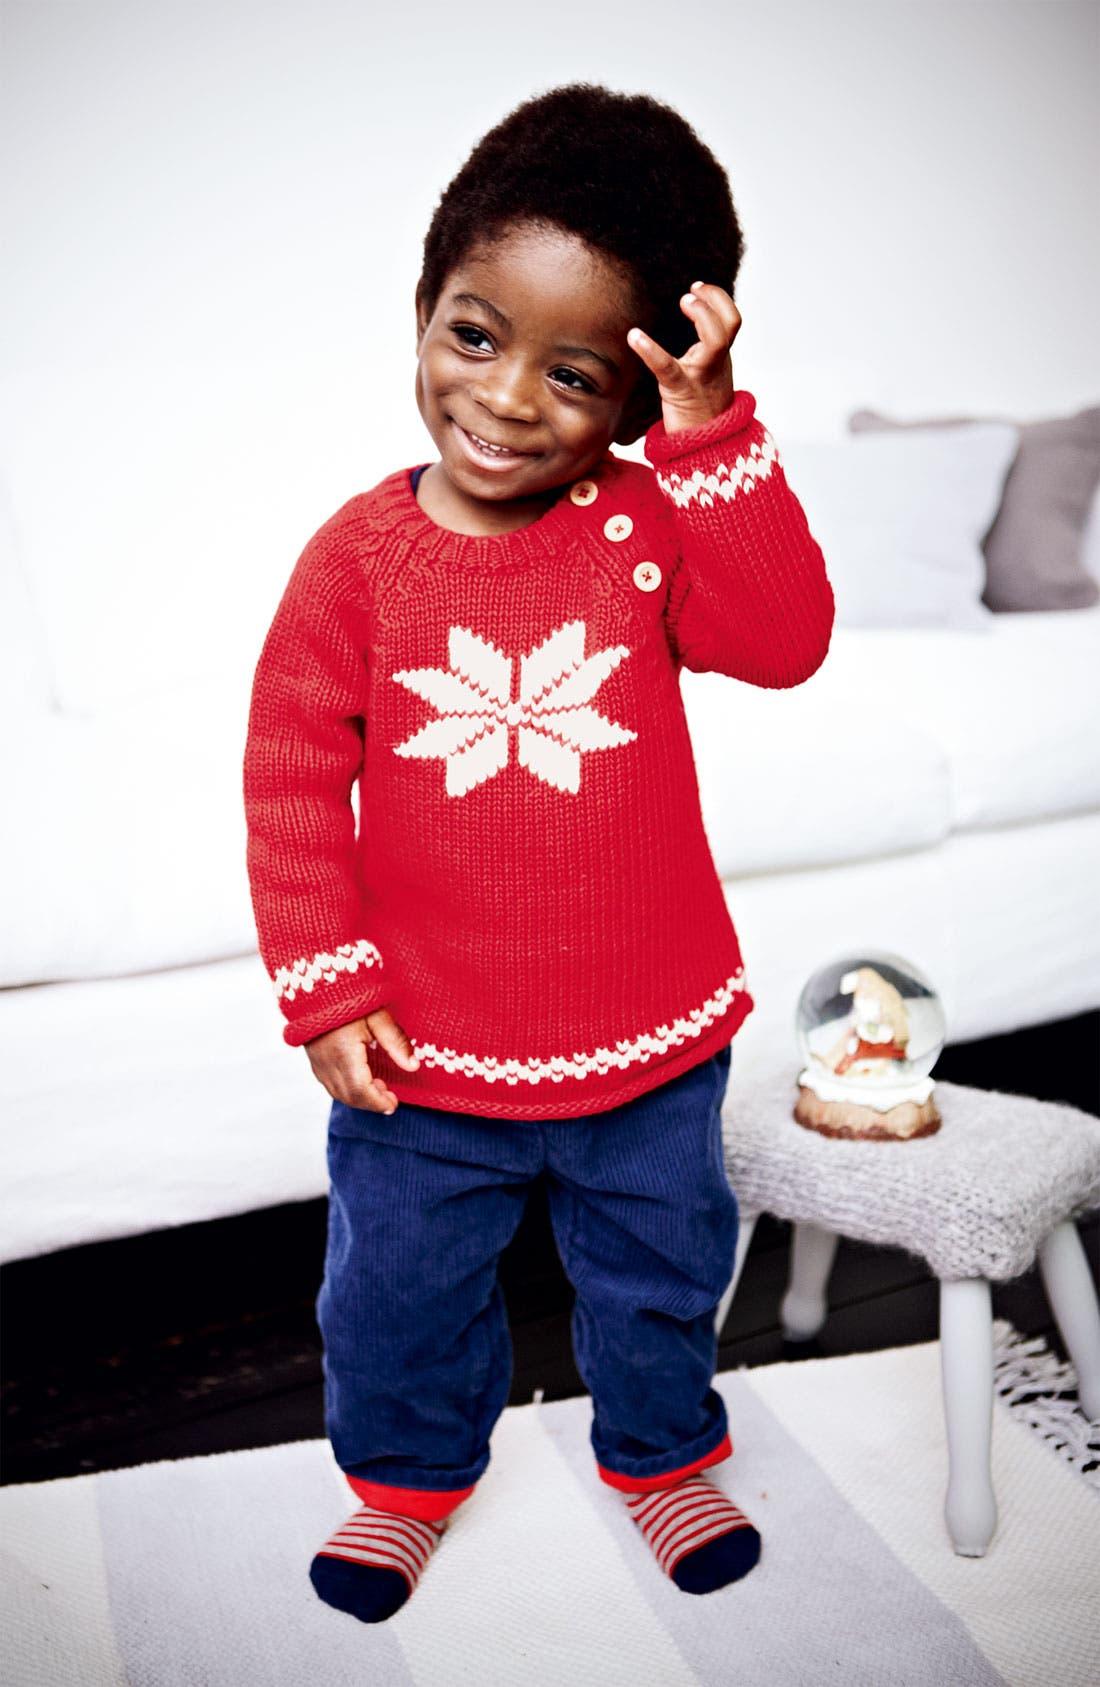 Main Image - Mini Boden Sweater, Jenas & Socks (Infant)